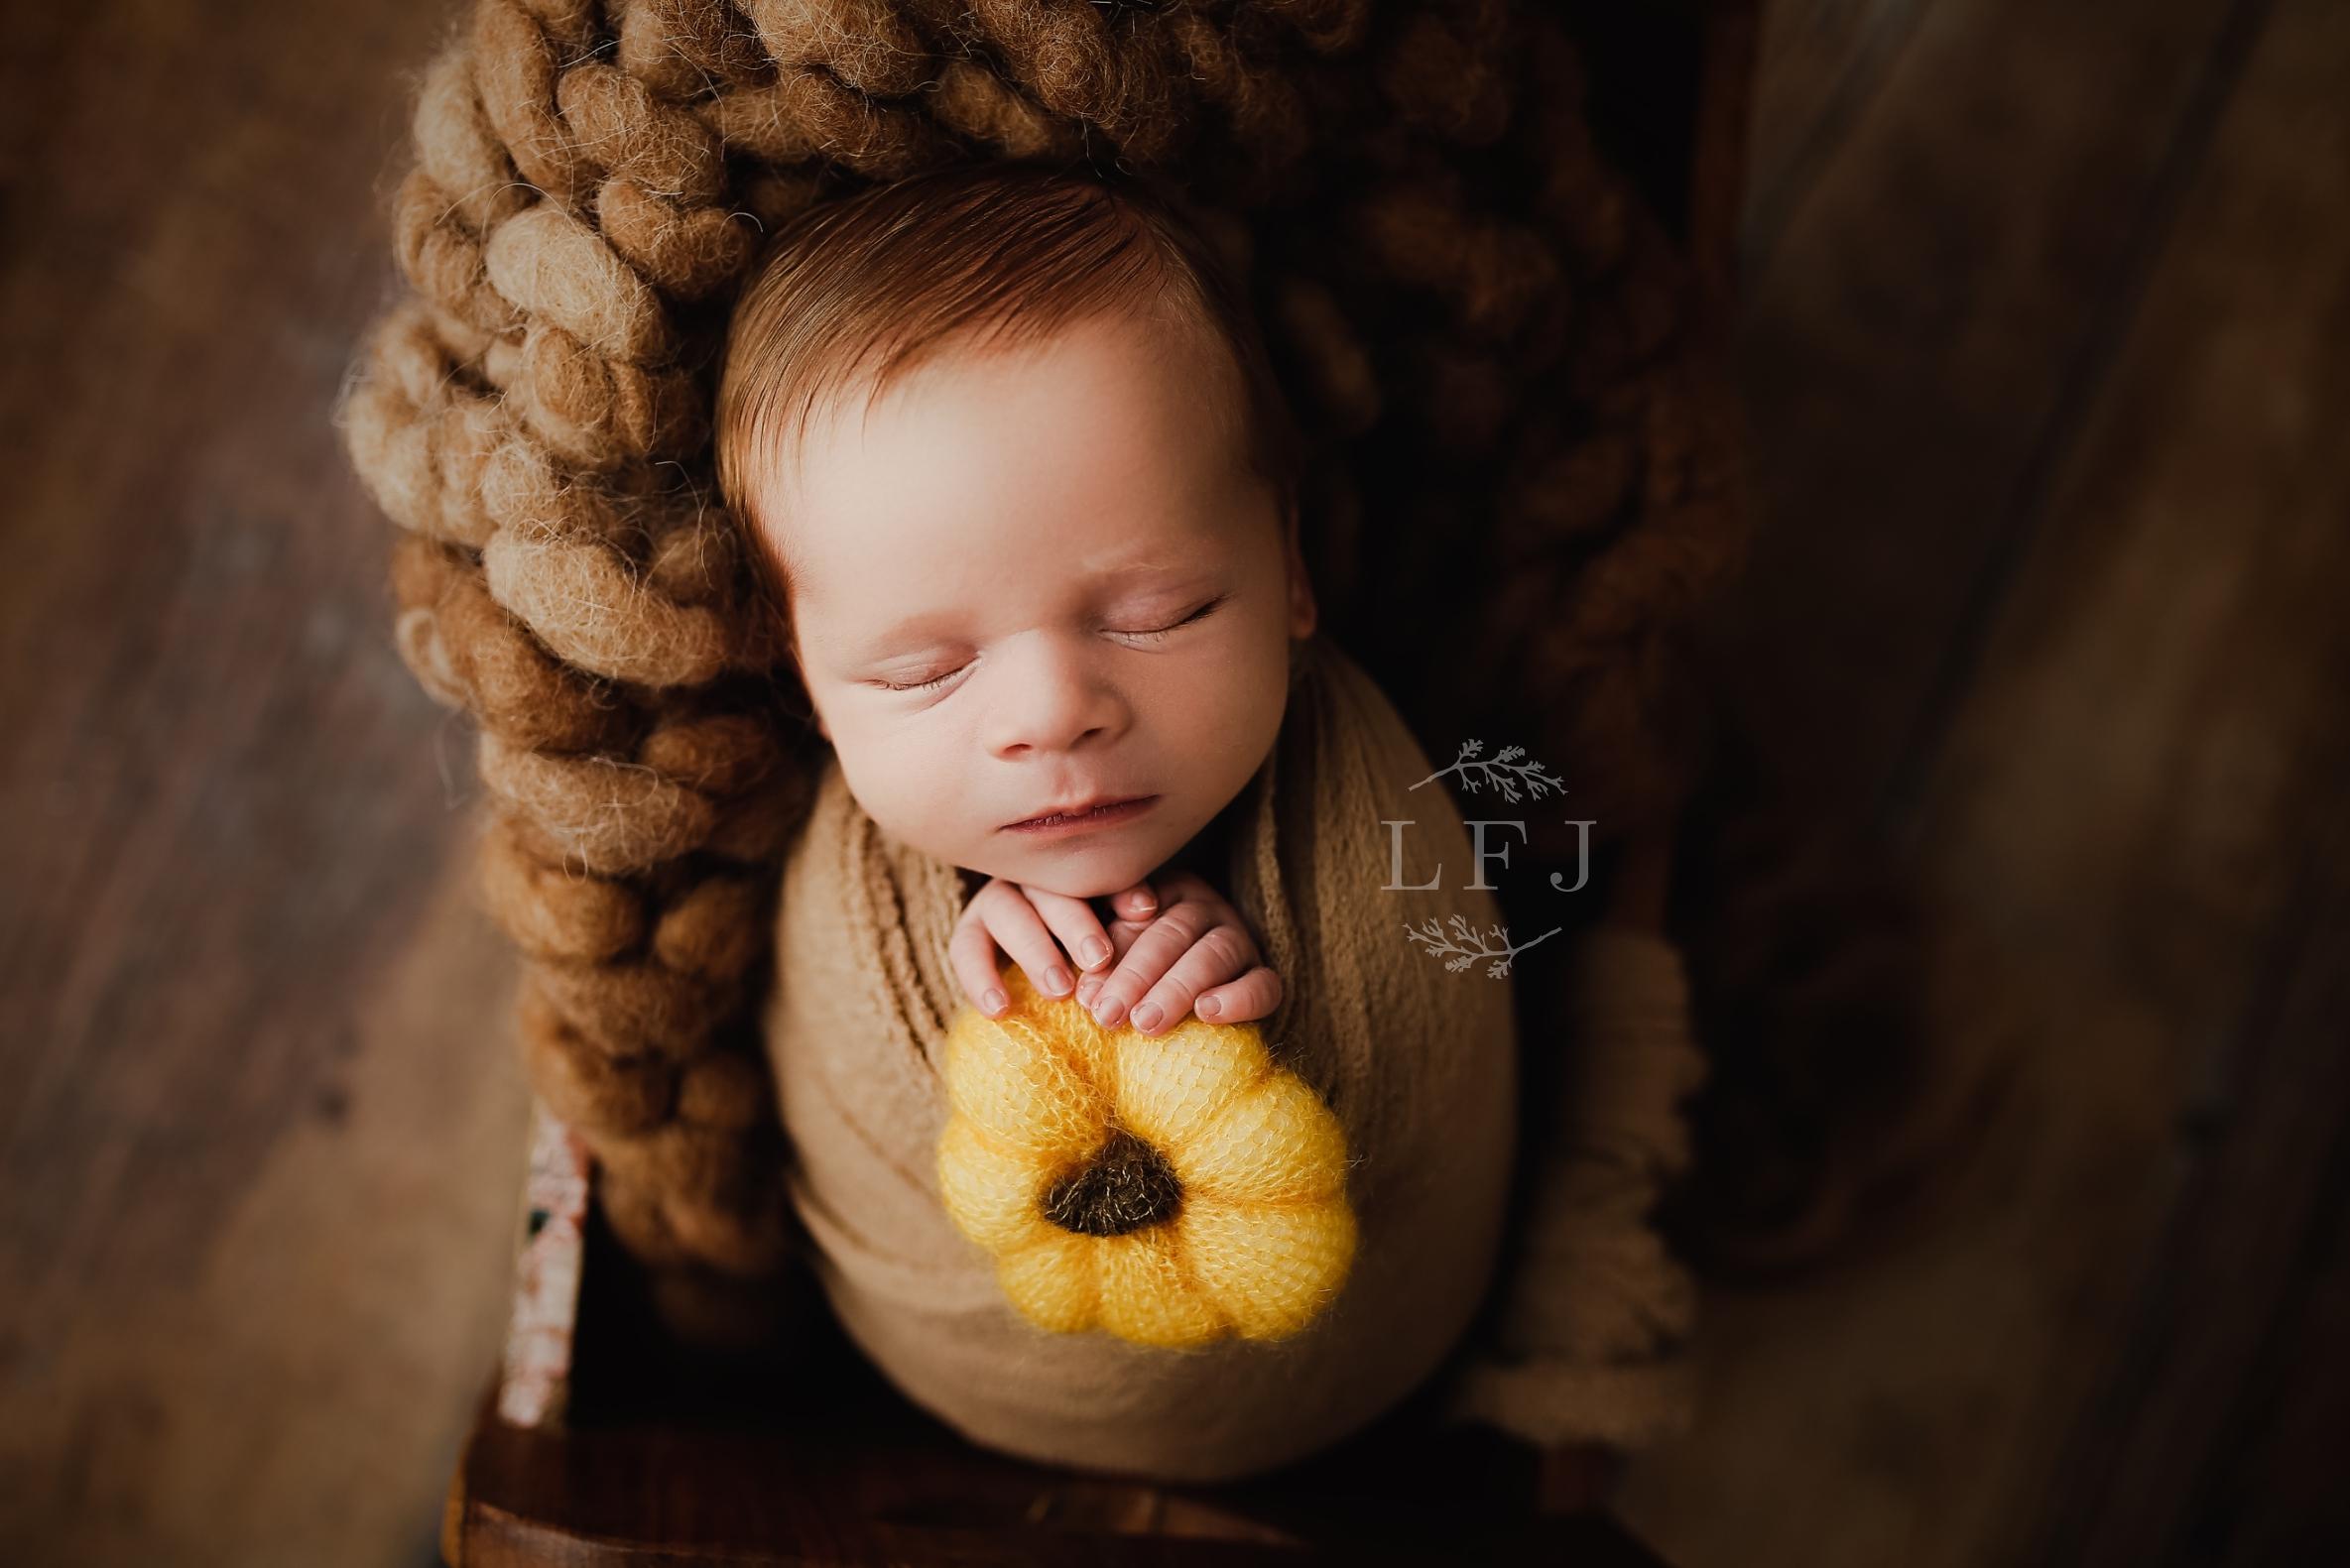 Wayne-Baby -Photographer-wrap-boy-pumpkin-Fall-neutrals